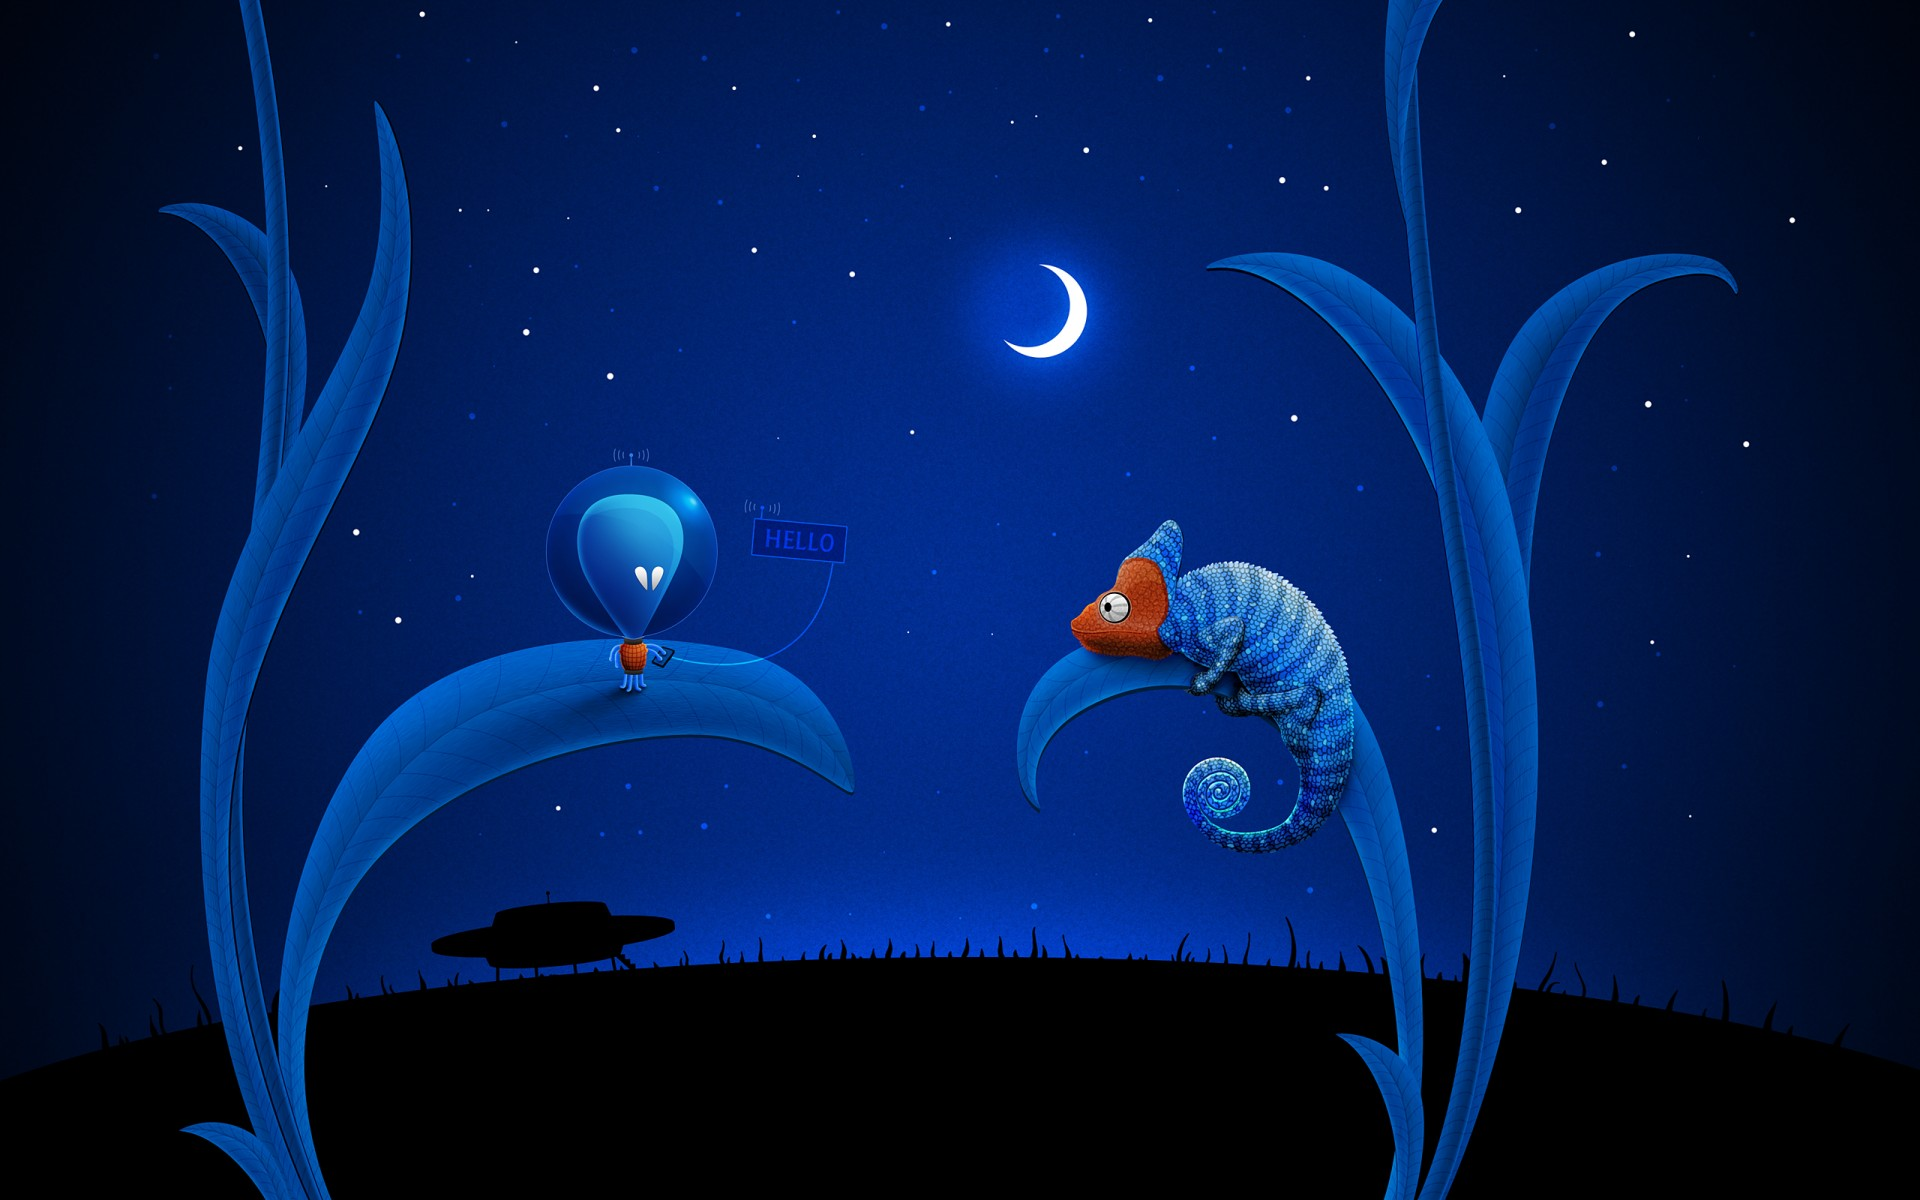 Прикольные ночные картинки